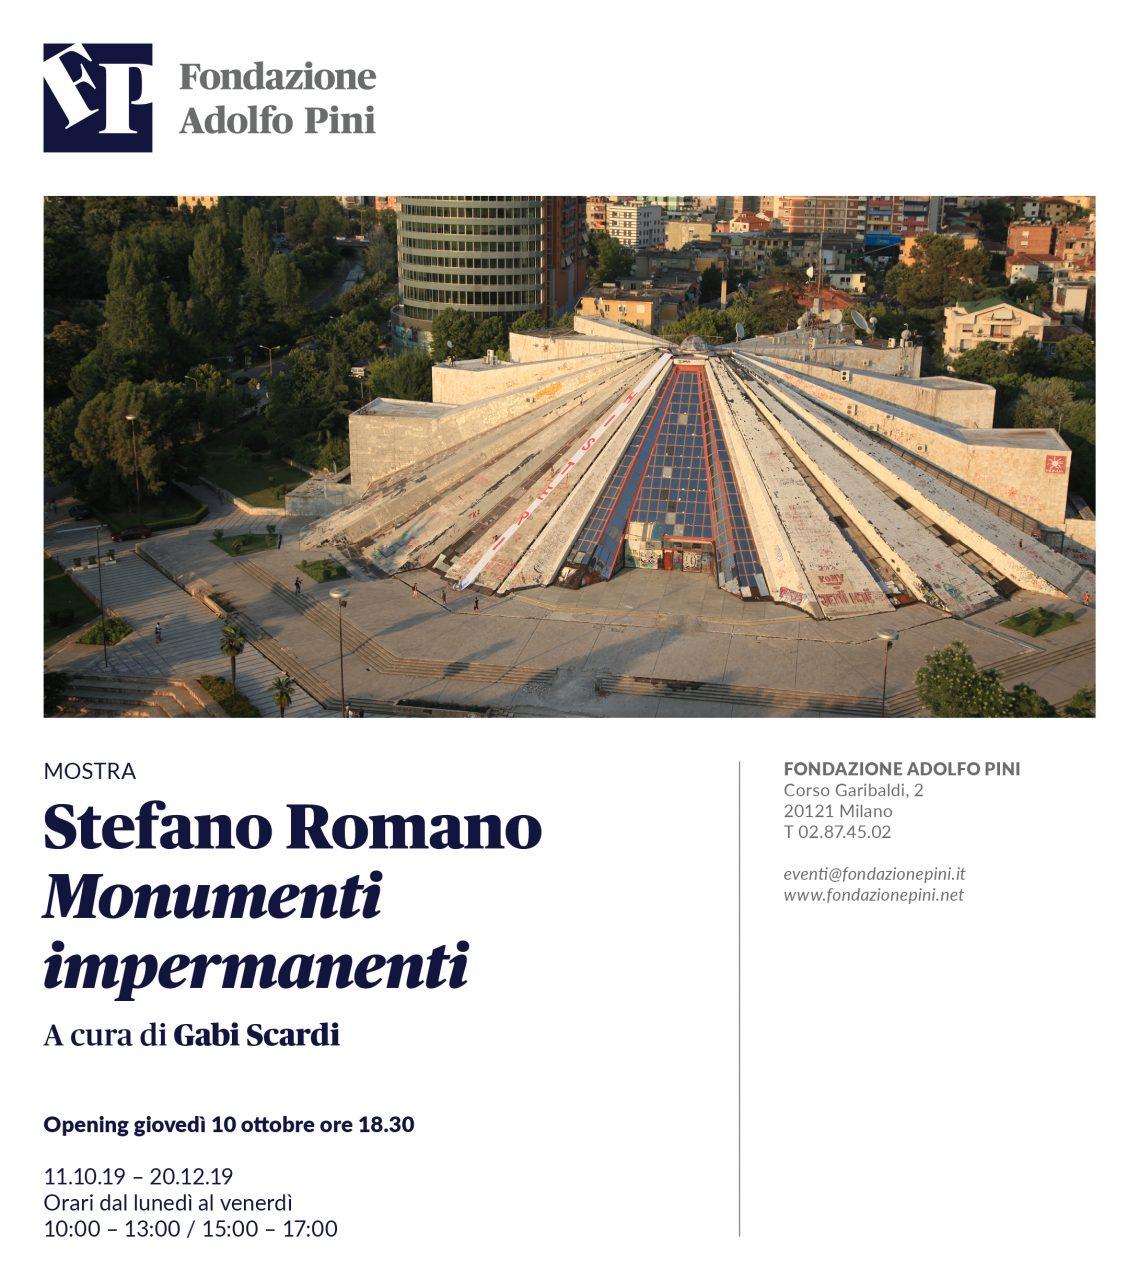 Stefano Romano MONUMENTI